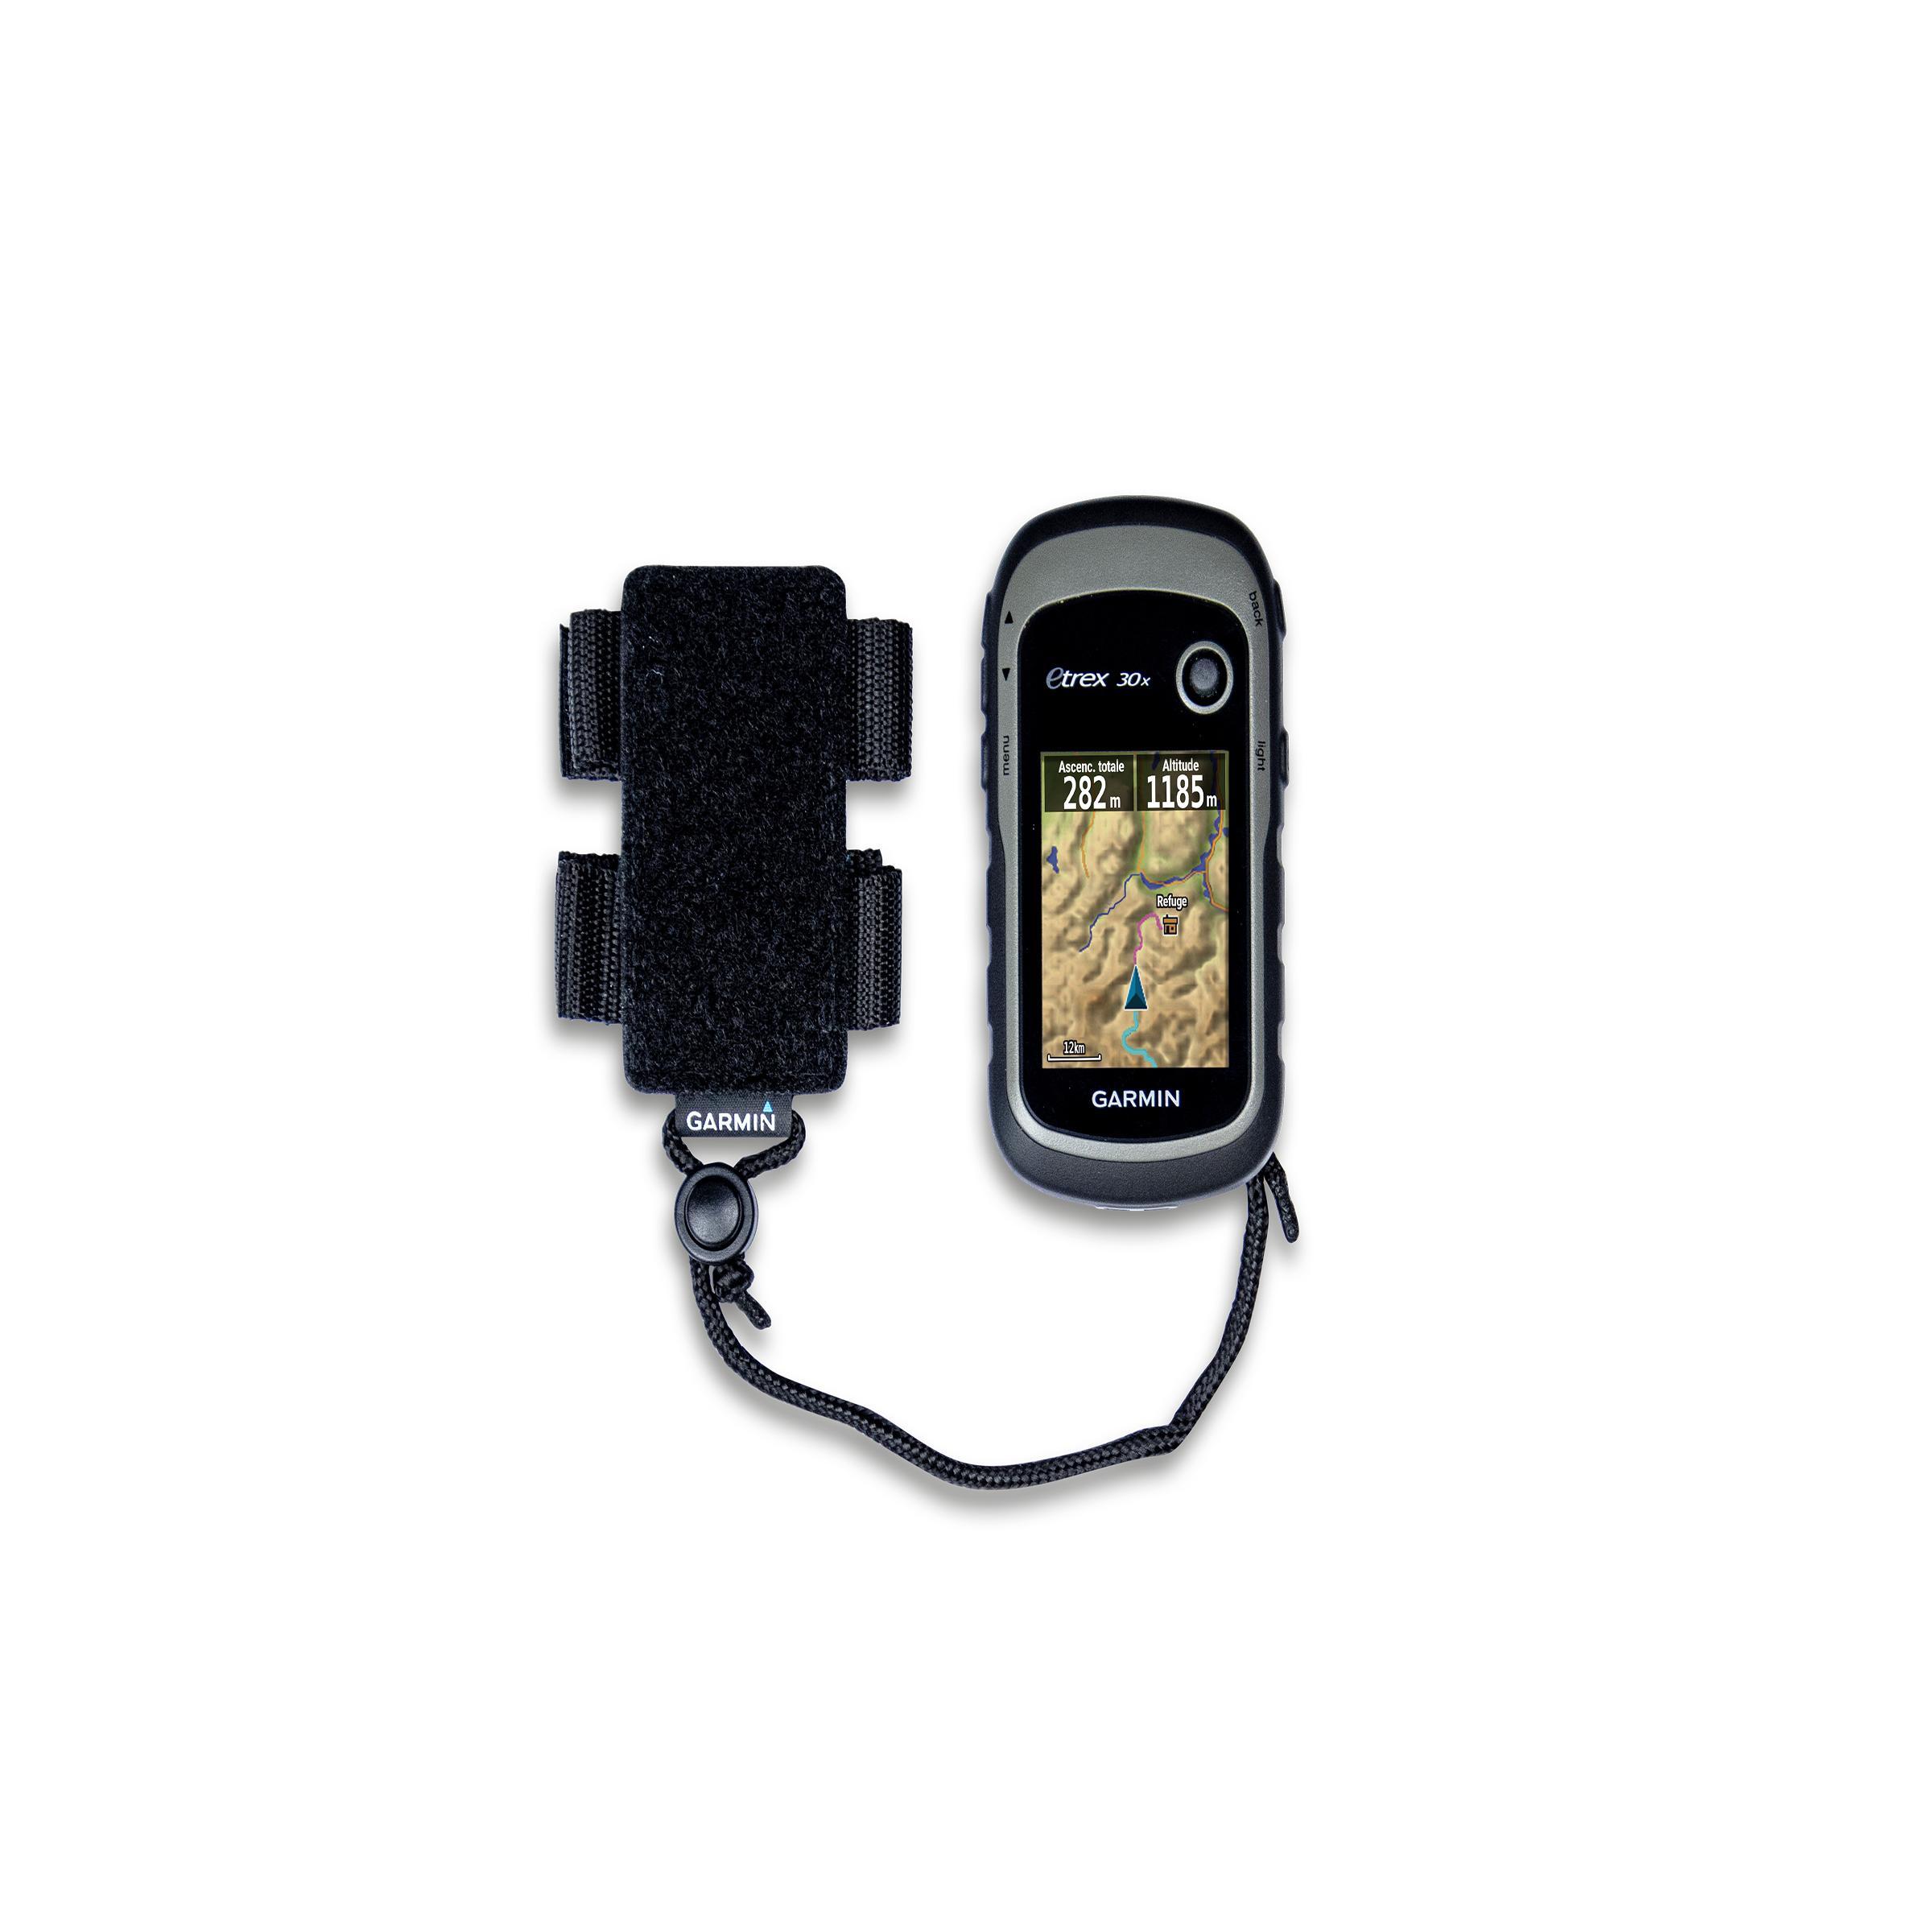 Garmin Trekking-gps ETREX 30X + rugzakbevestiging thumbnail